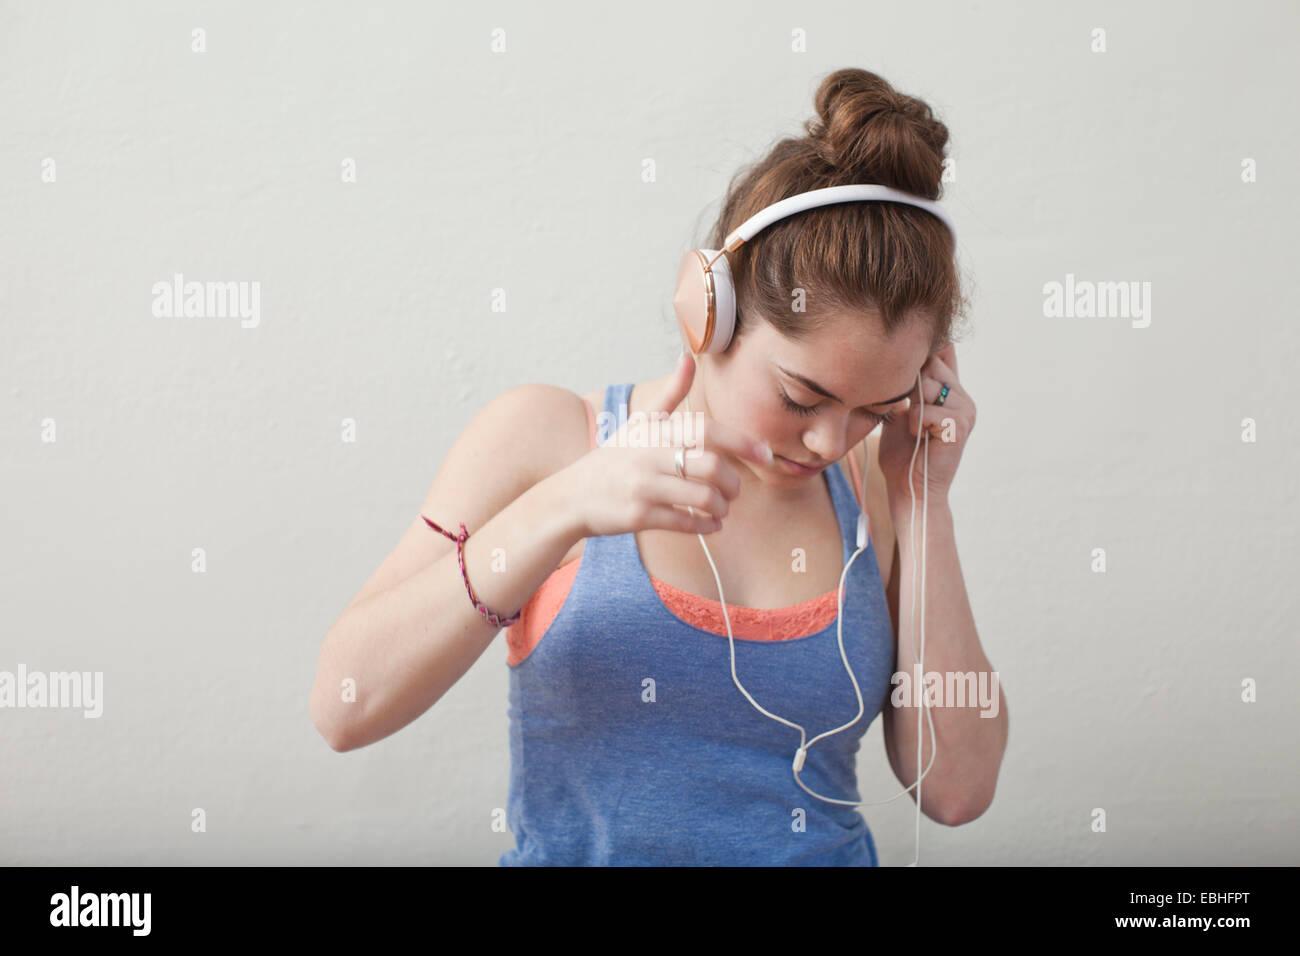 Teenage girl listening to headphones in ballet school Photo Stock